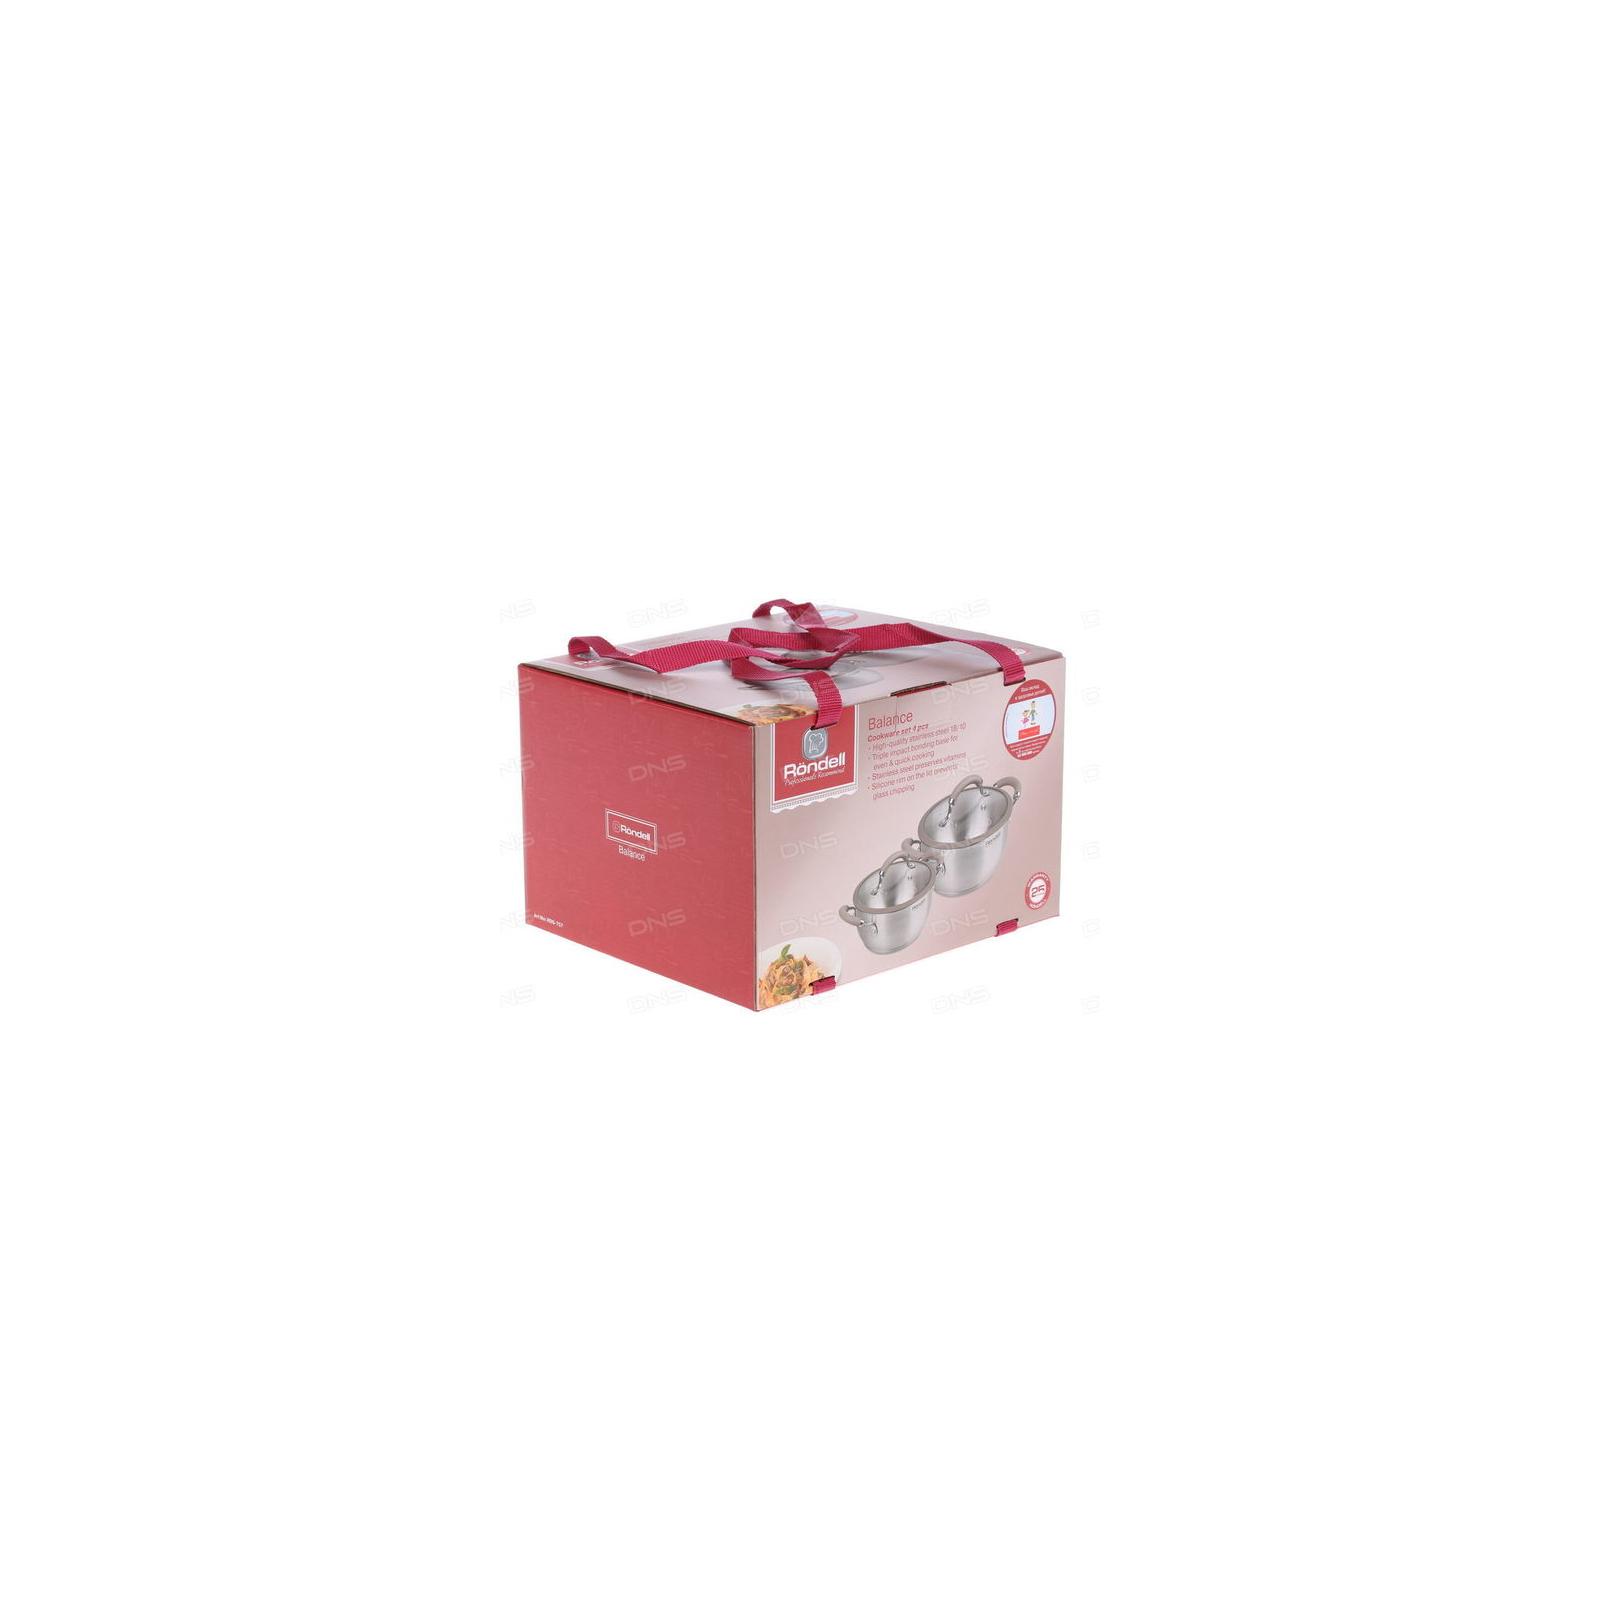 Набор посуды Rondell Balance 4 предмета (RDS-757) изображение 4